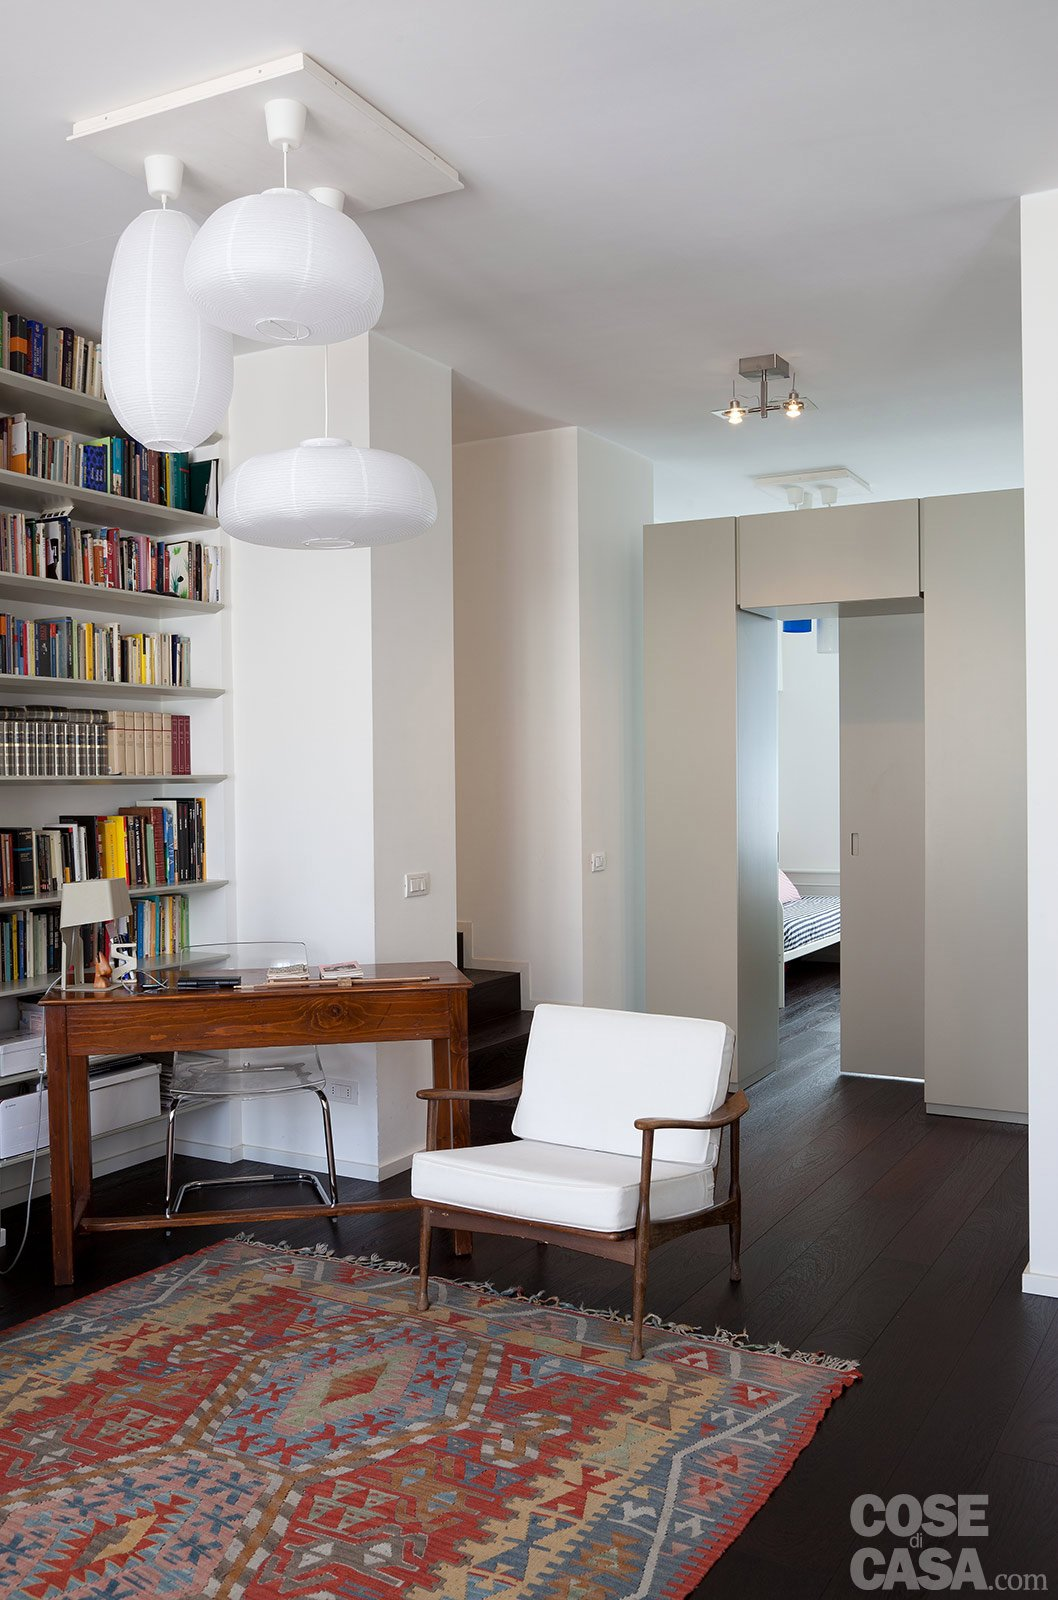 70 mq la casa migliora cos cose di casa - Caldaia all interno dell appartamento ...